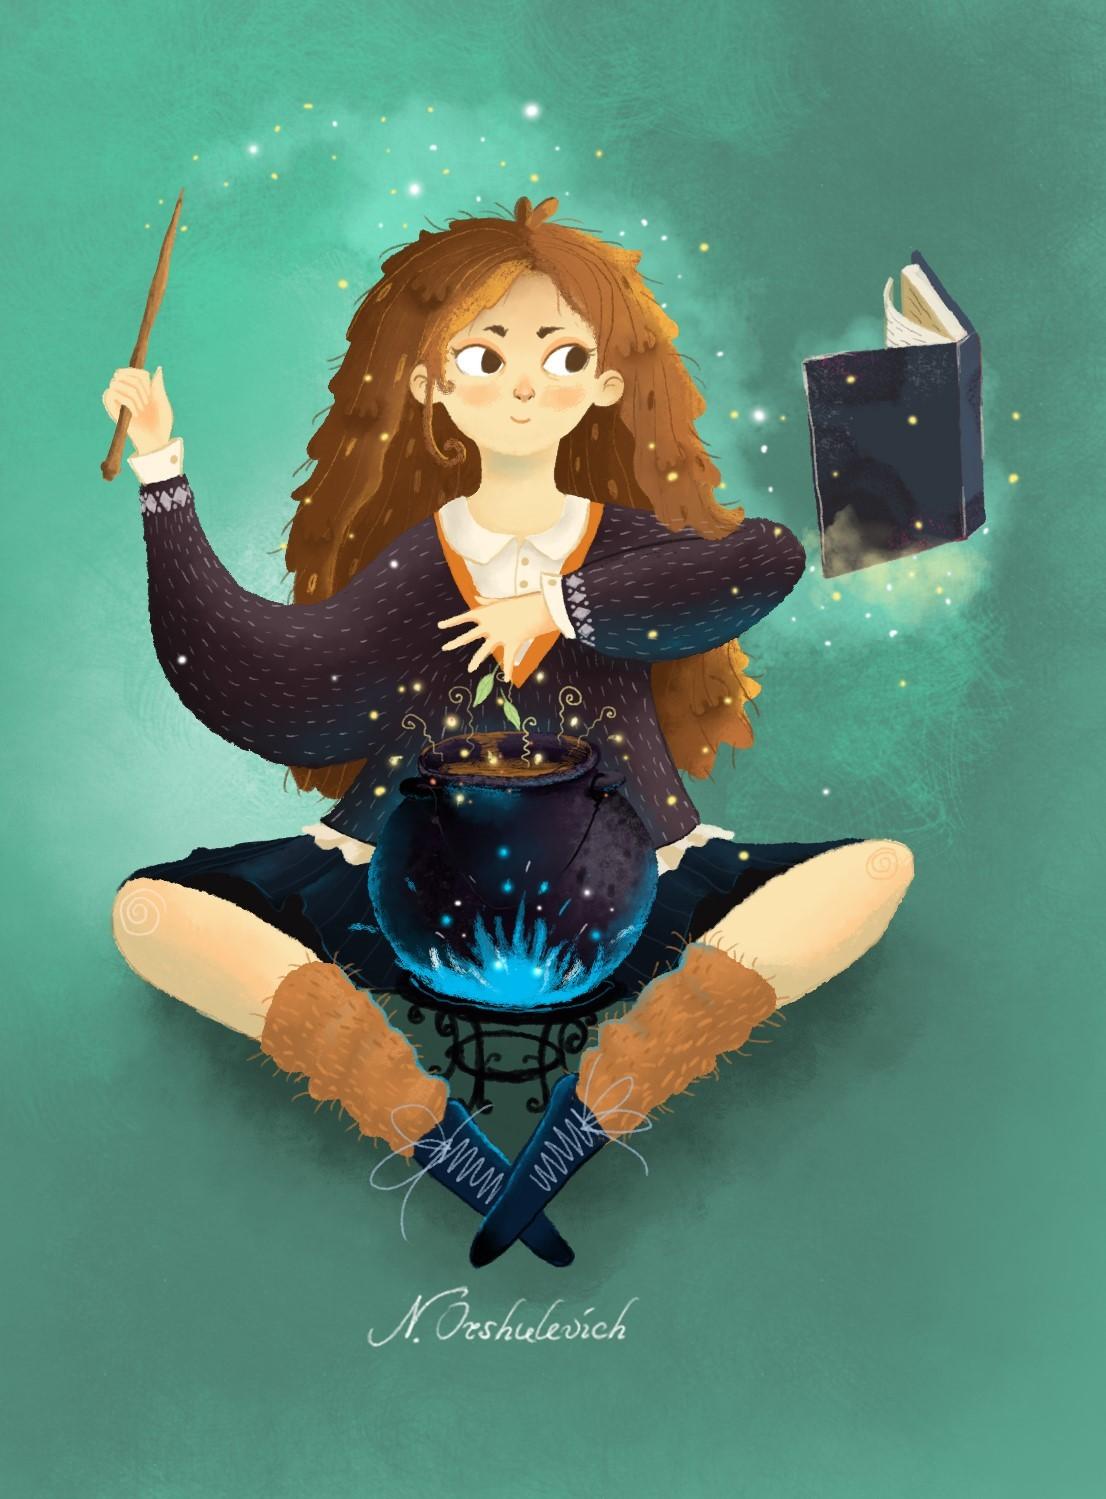 Гарри поттер и еще персонажи прохождение игры том и джерри ставят ловушки